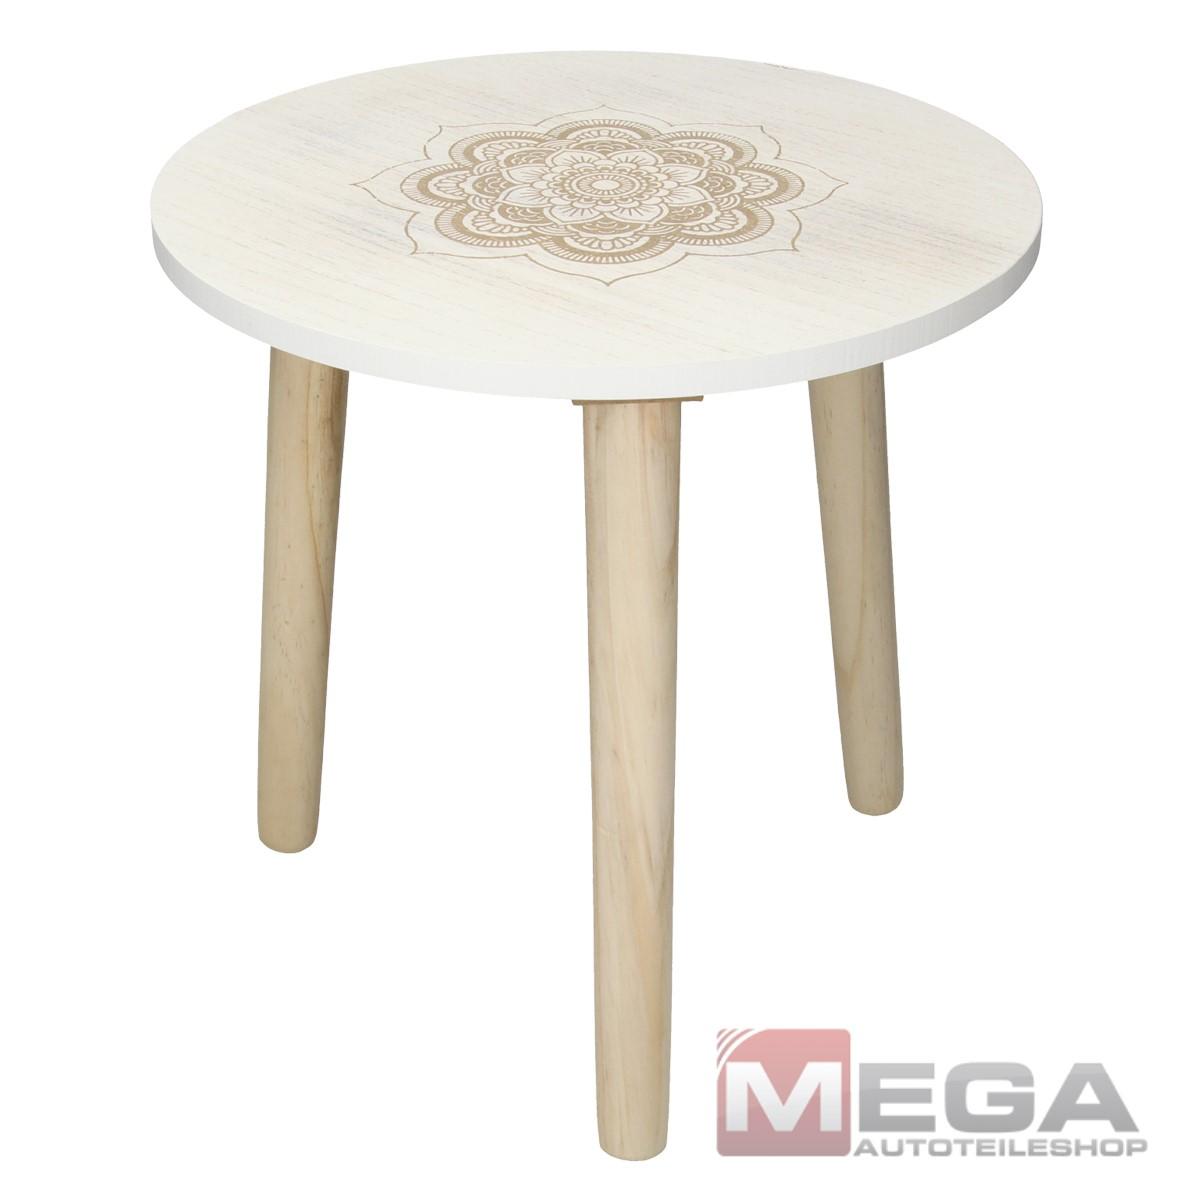 Beistelltisch Tisch Couchtisch Kaffetisch Ablagetisch MDF Holz Rund Weiß Ø 49 cm